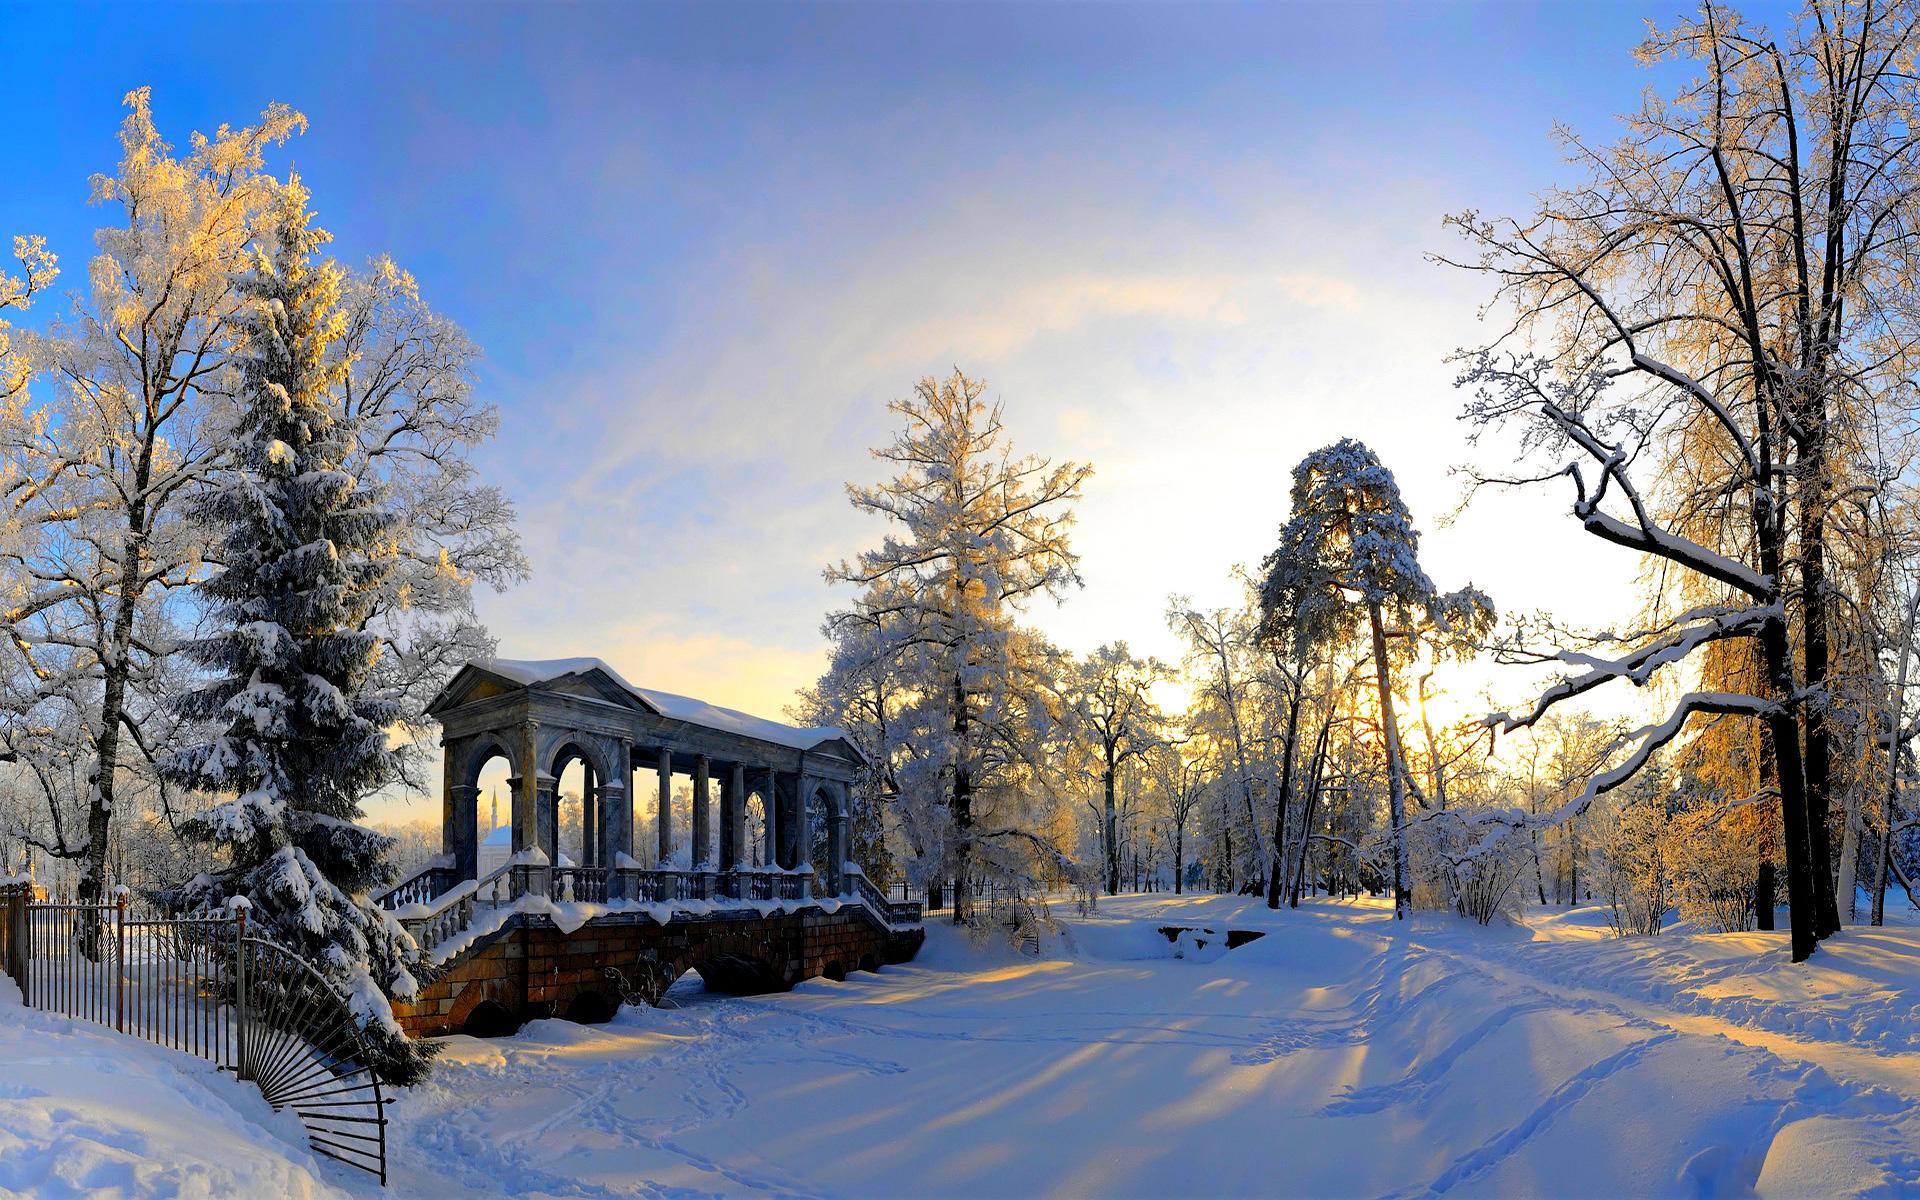 Winter Landscape Wallpaper Full HD 1920x1200